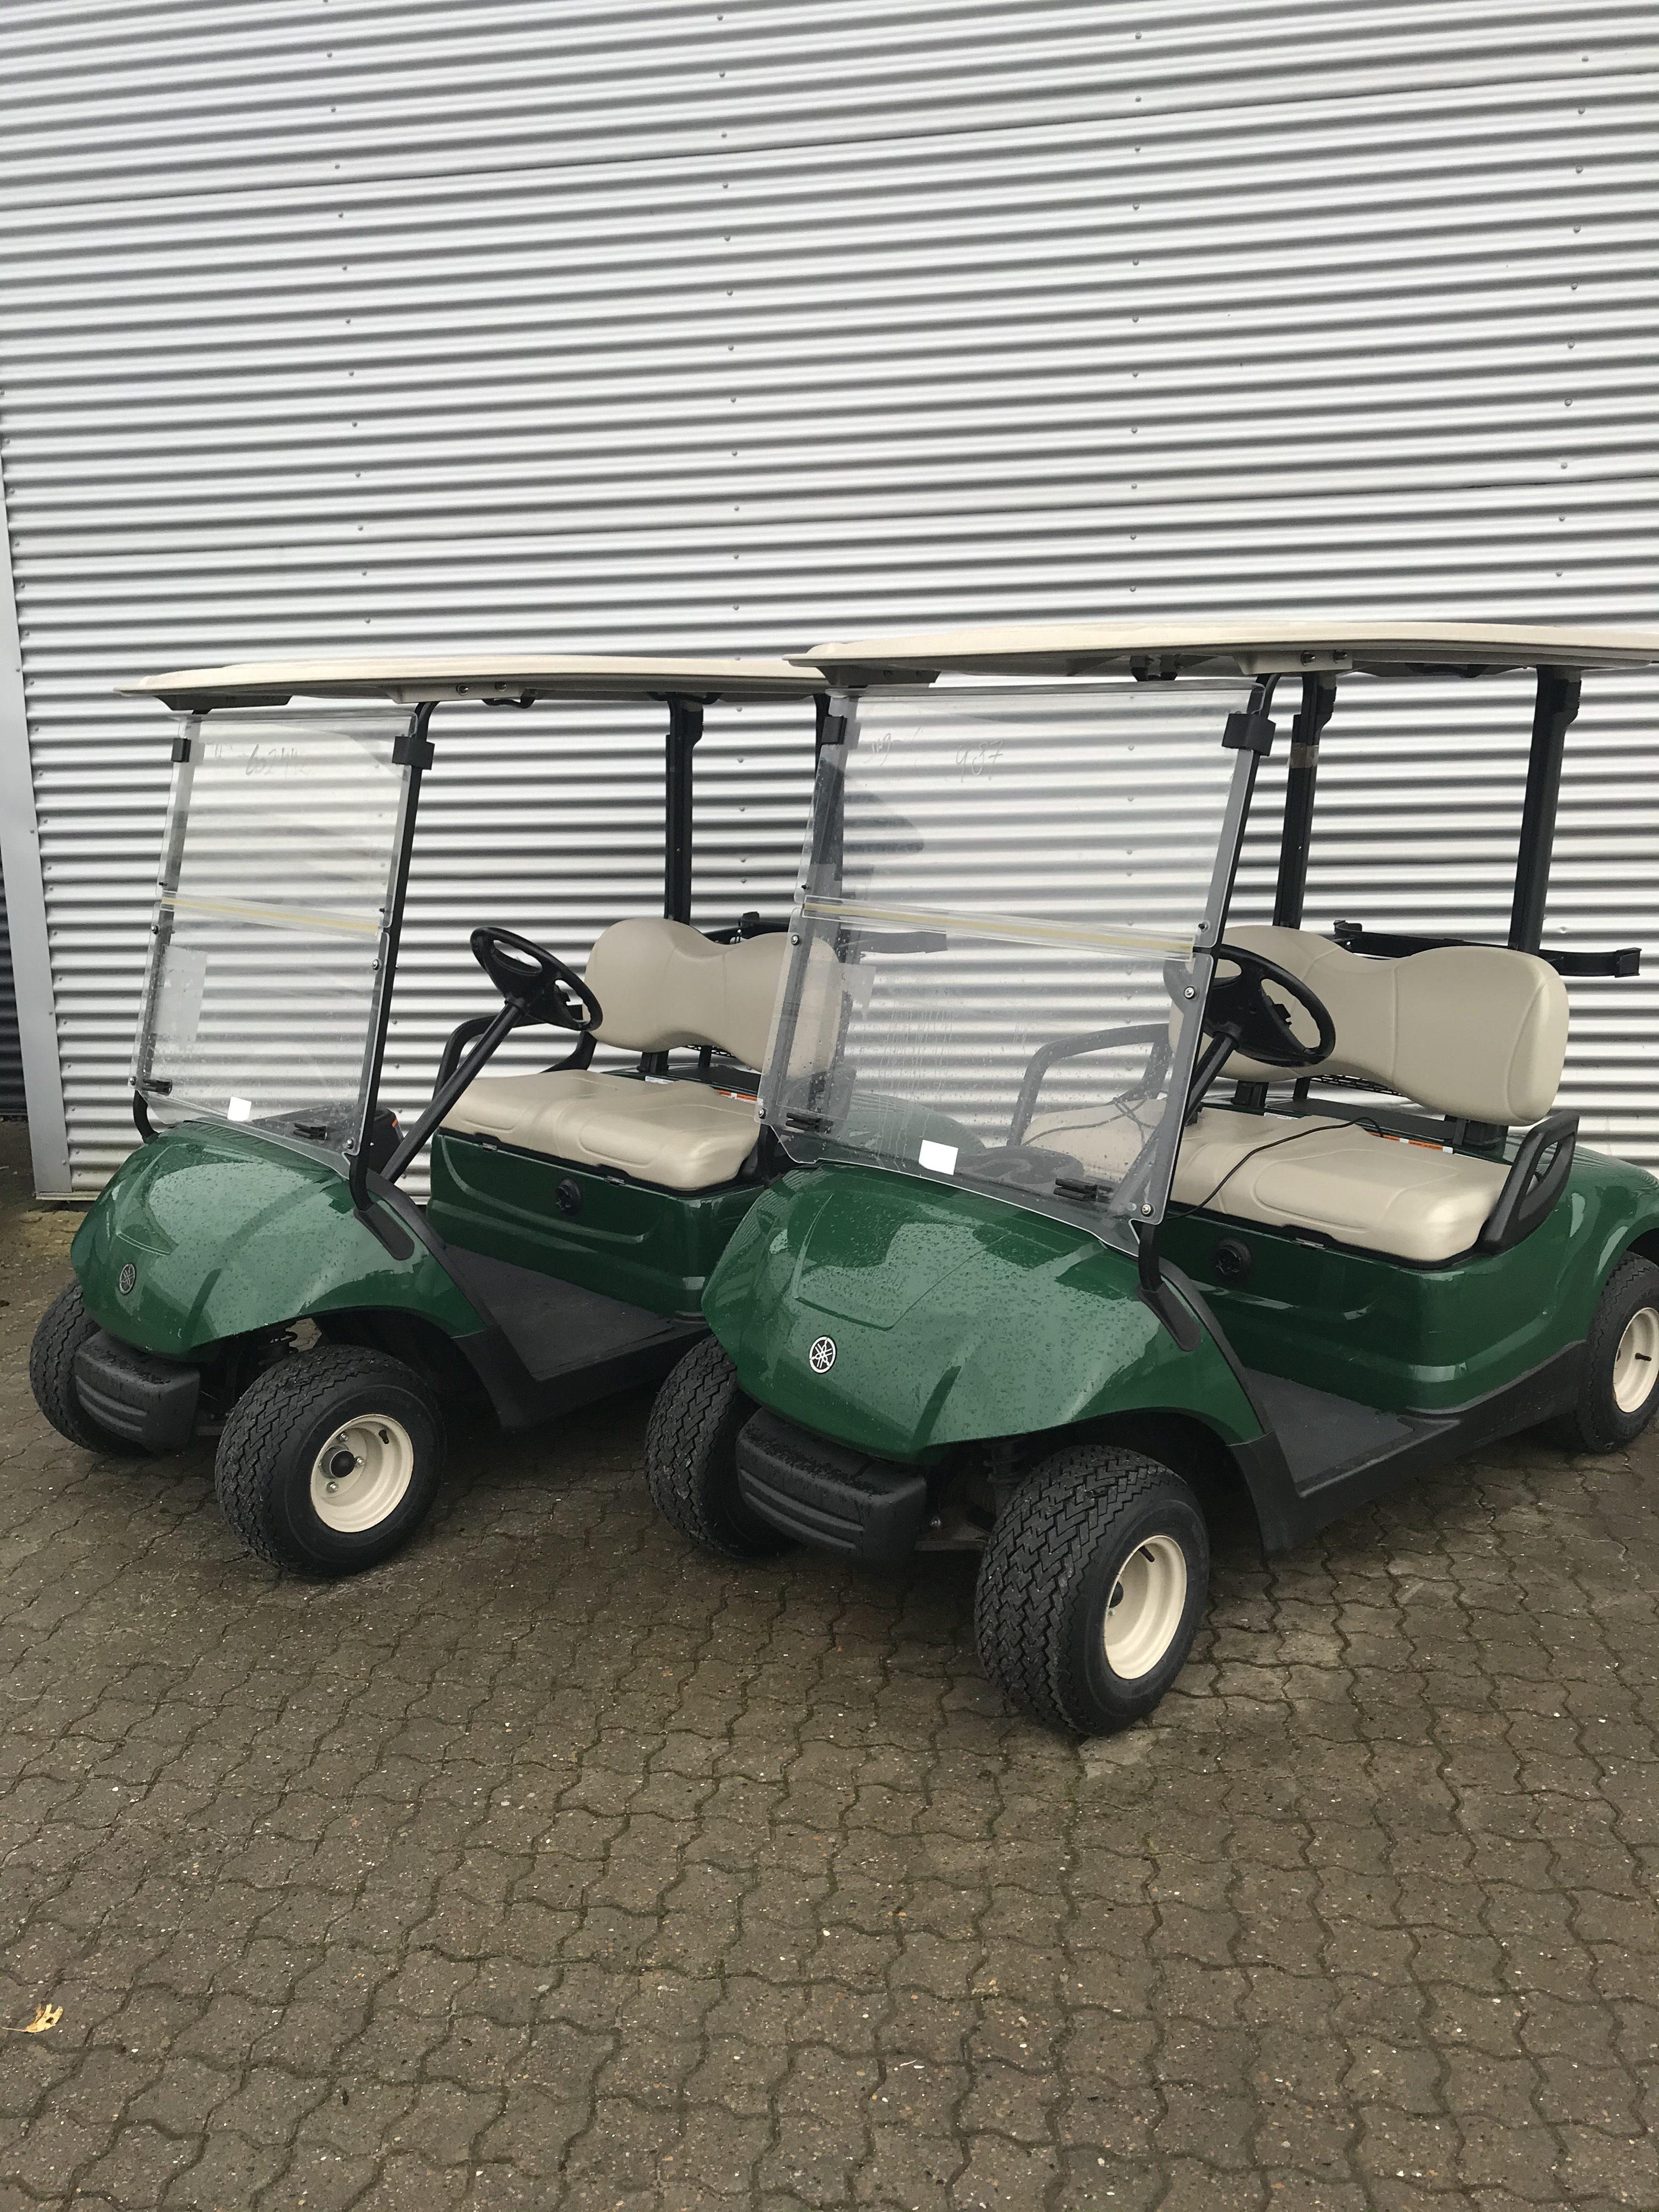 renoverede golfbiler grøn Yamaha model G29